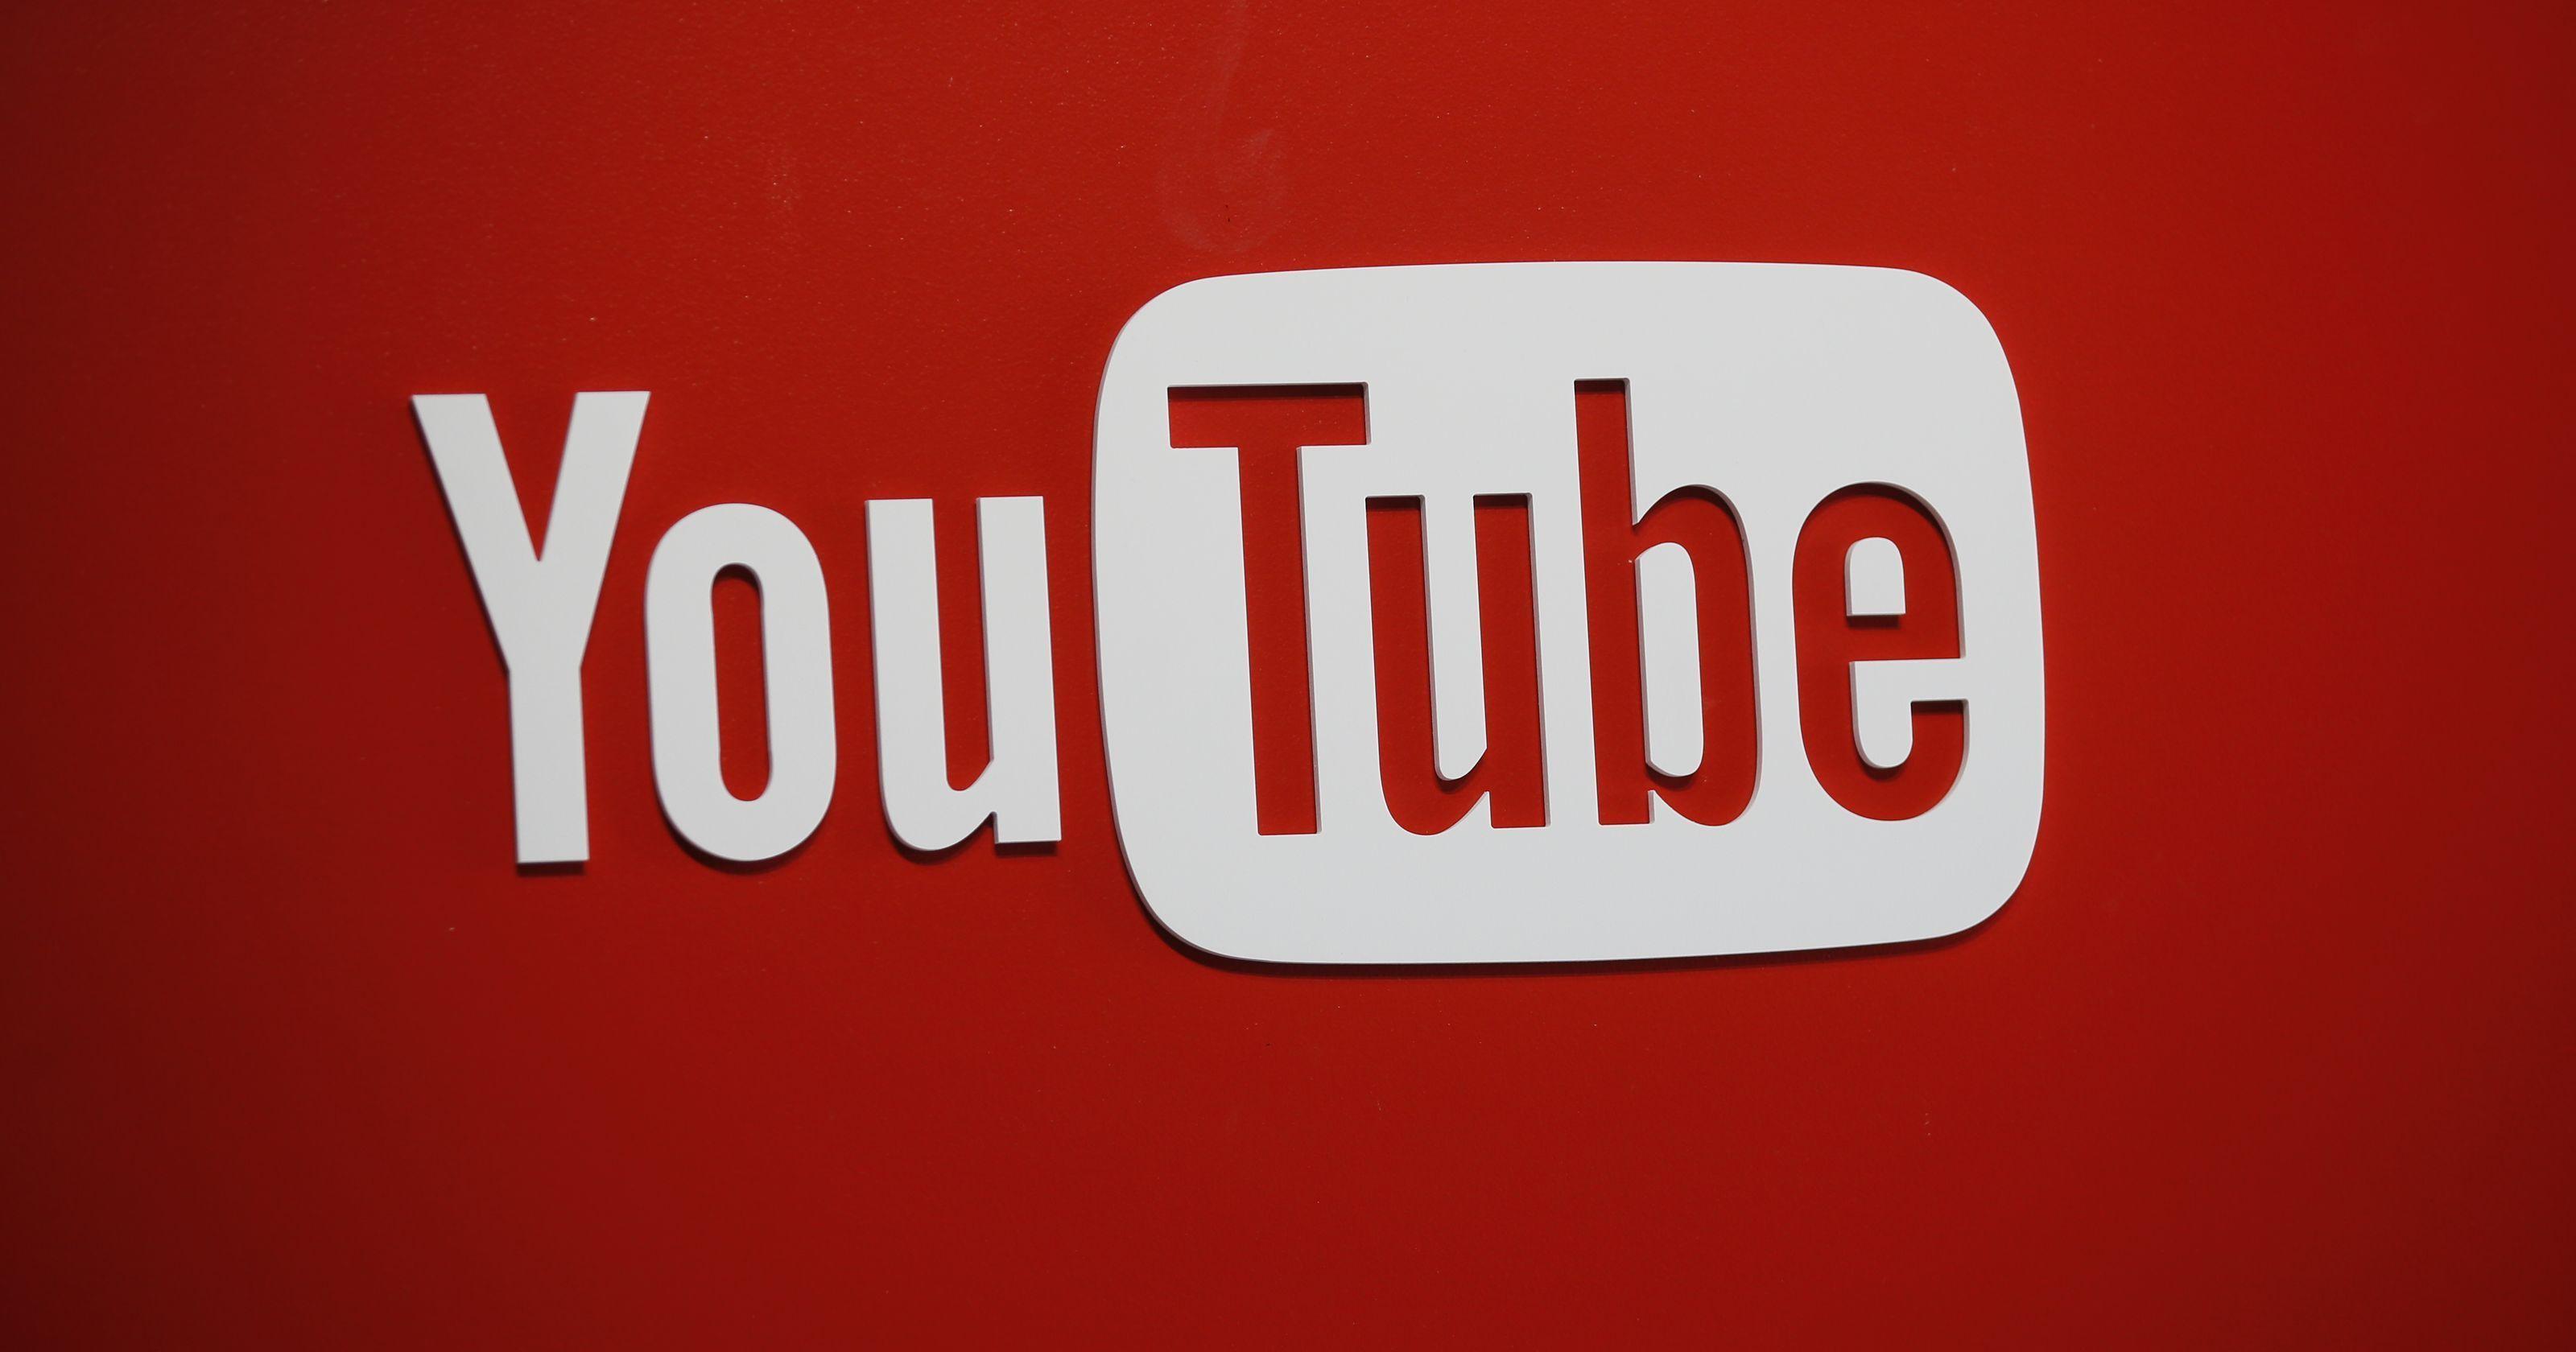 Buy YouTube